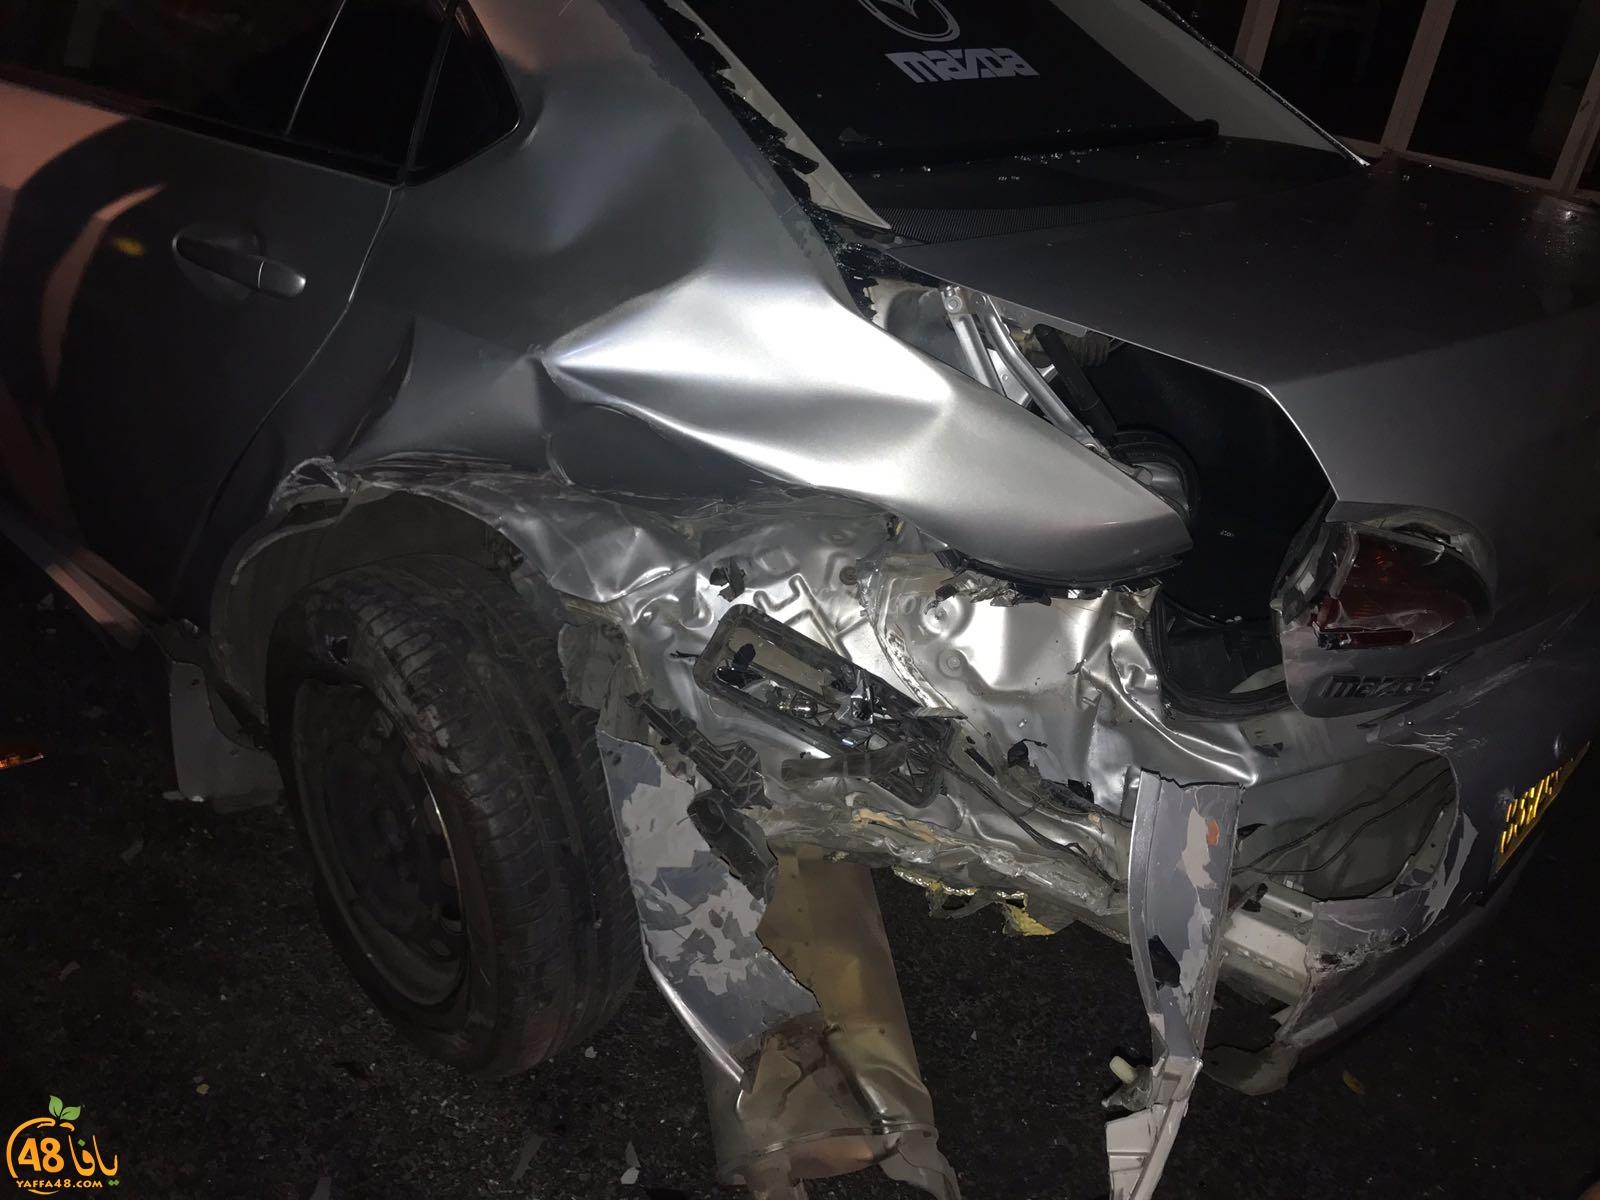 بالصور: حادث طرق بين مركبتين في يافا دون وقوع اصابات